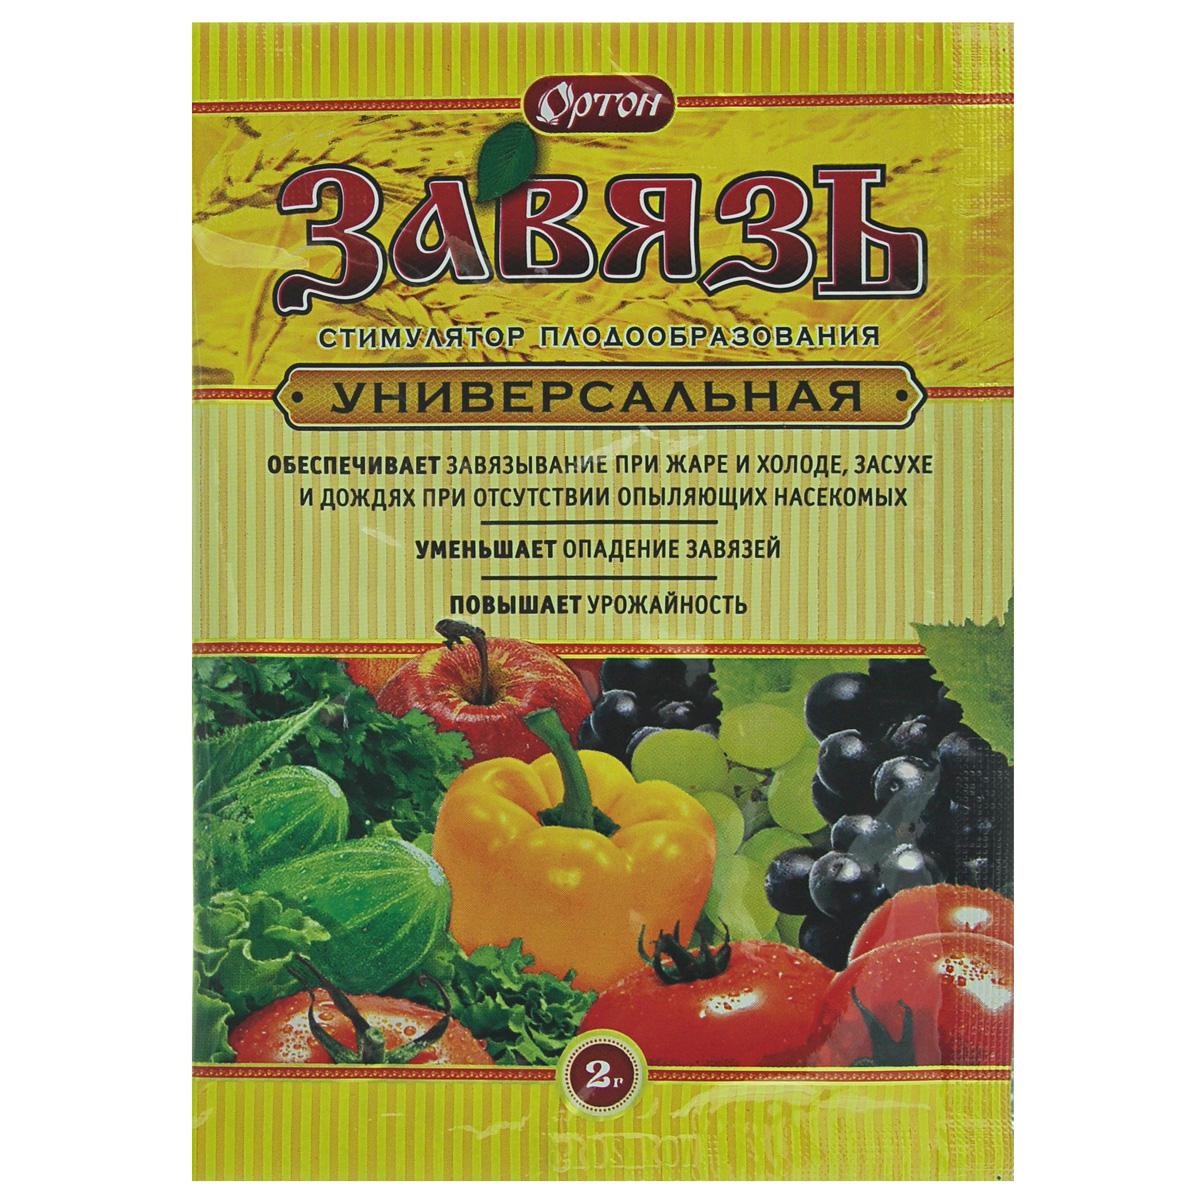 Стимулятор плодообразования Ортон Завязь универсальная, 2 гGCSP-11-90Стимулятор роста растений Ортон Завязь универсальная предназначен для применения на овощных и плодово-ягодных культурах. Улучшает завязывание плодов, предотвращает опадение завязей, ускоряет рост и созревание плодов, улучшает их качество, повышает урожайность на 15-30%. Эффективен при неблагоприятных для завязывания условиях. Класс опасности 3 (умеренно опасные вещества). Способ приготовления раствора указан на упаковке. Товар сертифицирован.